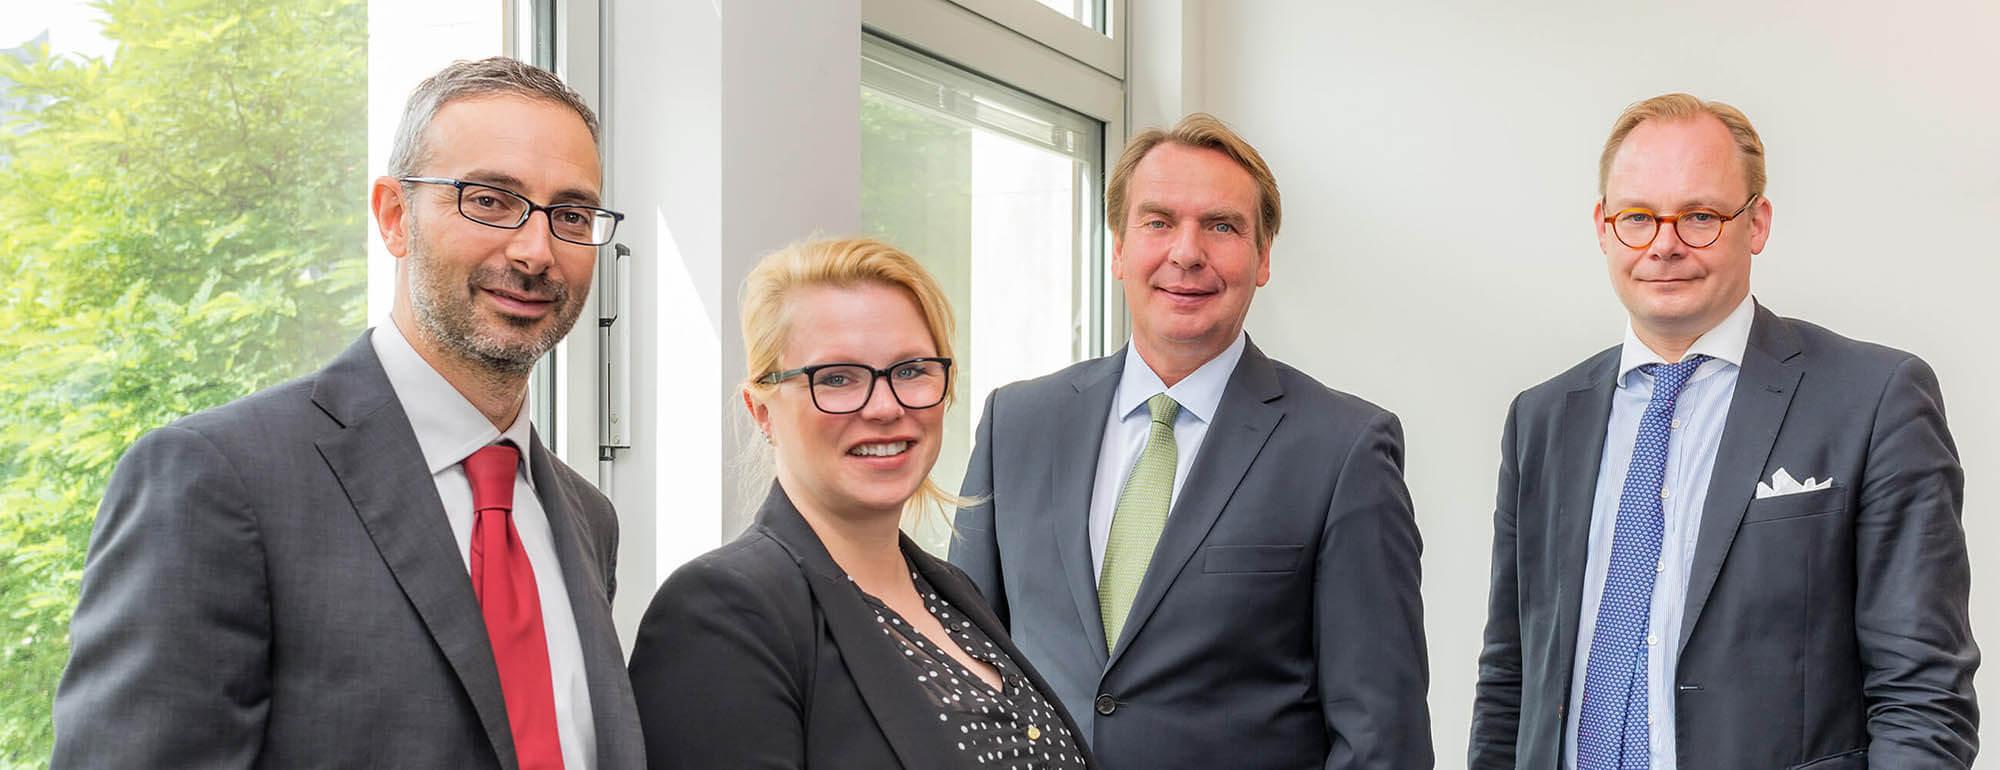 Coeler Legal - Ihre Kanzlei in Hamburg